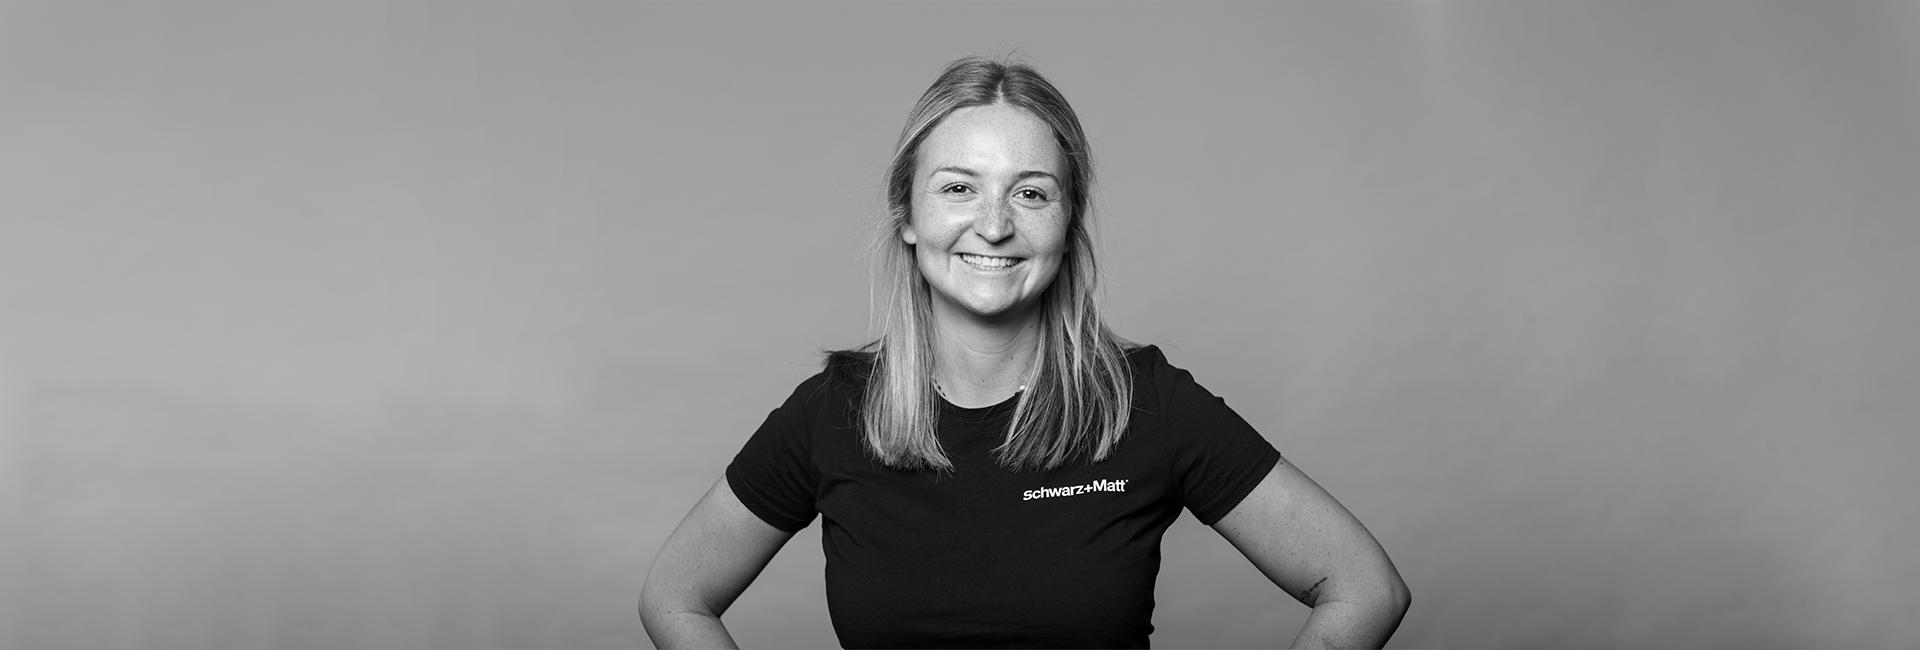 Julia Petrasch - New Business Manager